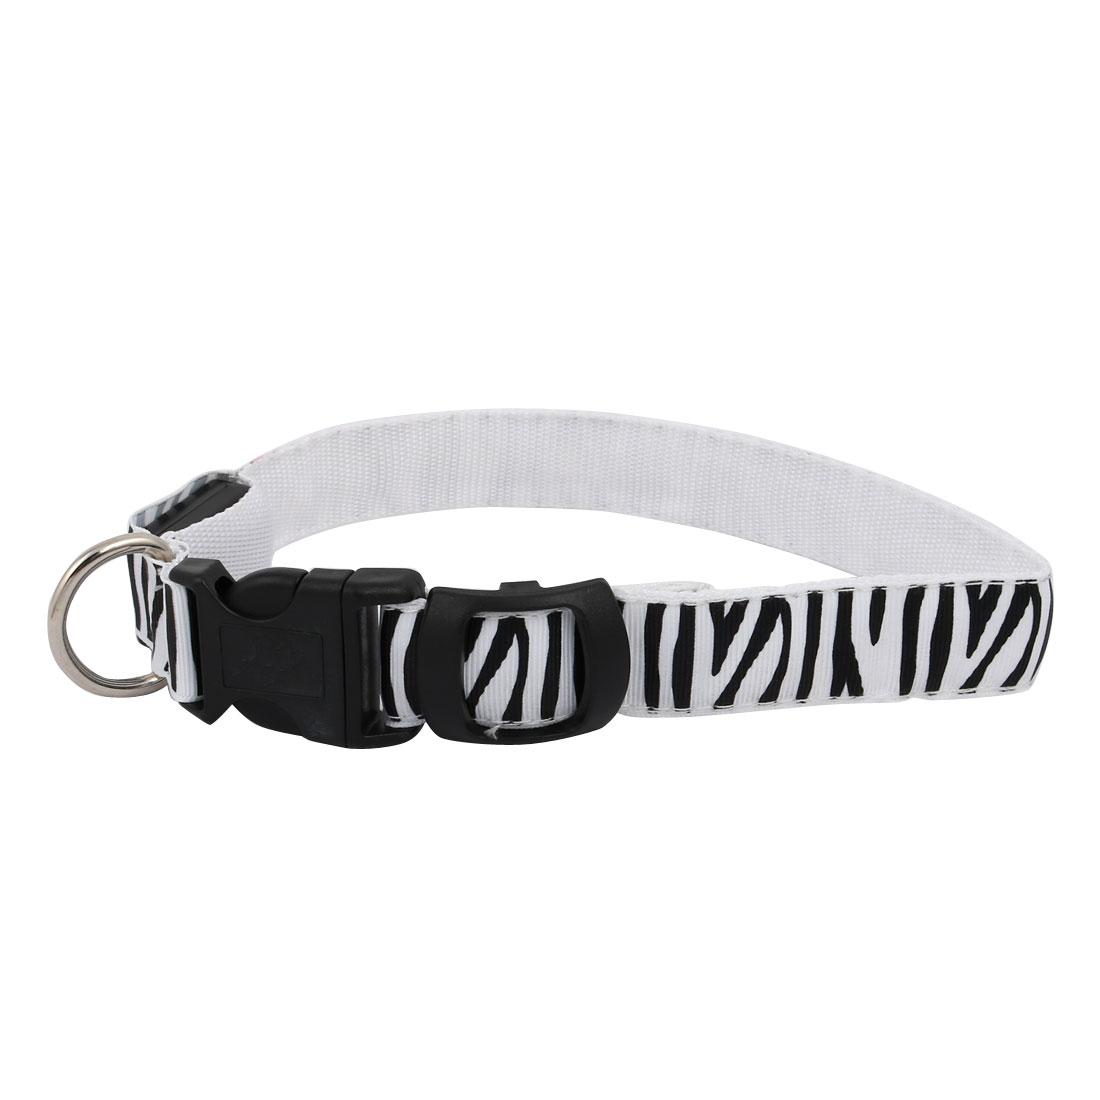 Unique Bargains White LED Light Flashing Safety Nylon Zebra-Stripe S Size Pet Dog Neck Collar - image 2 de 5